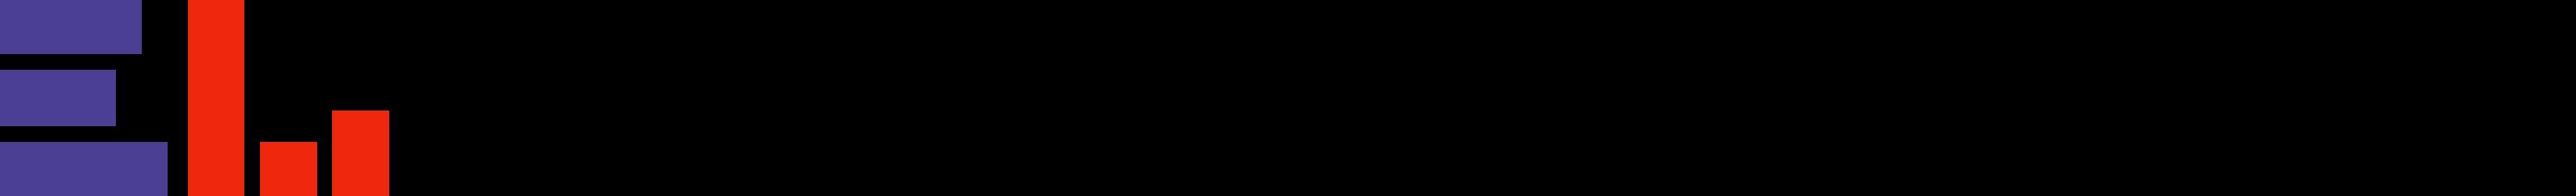 Arhivanalitika